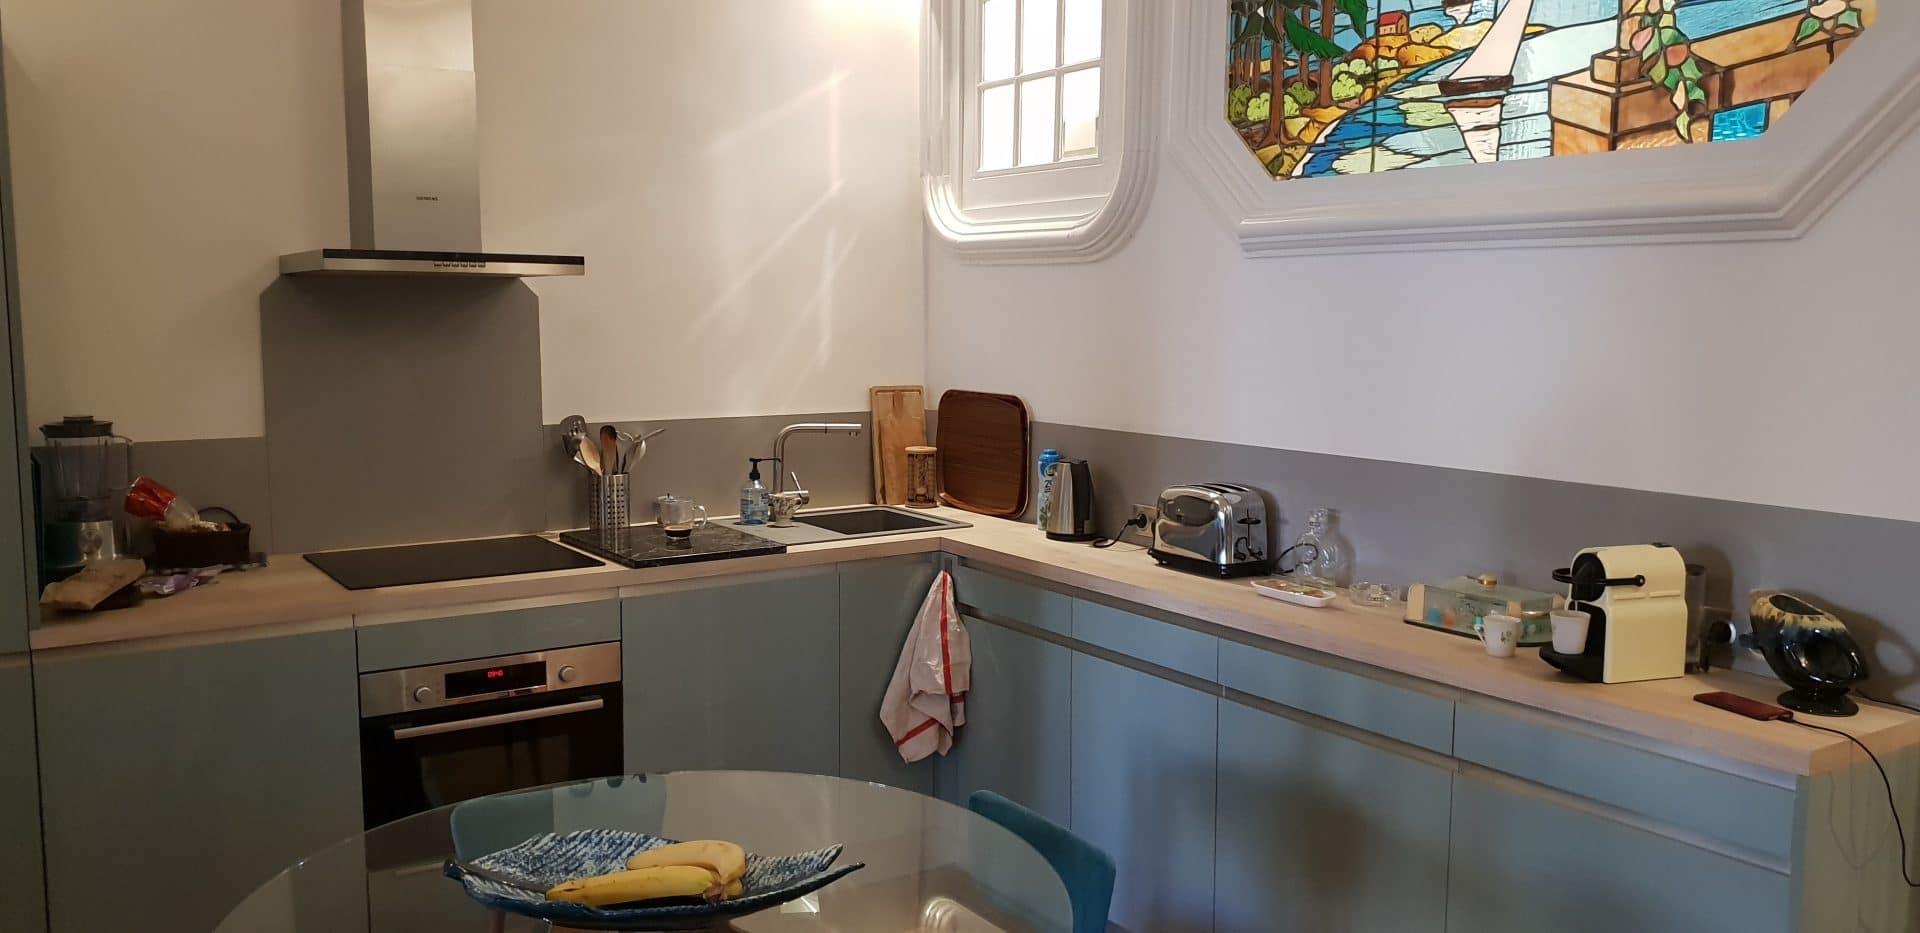 Rénovation d'un appartement atypique à Lyon (69)